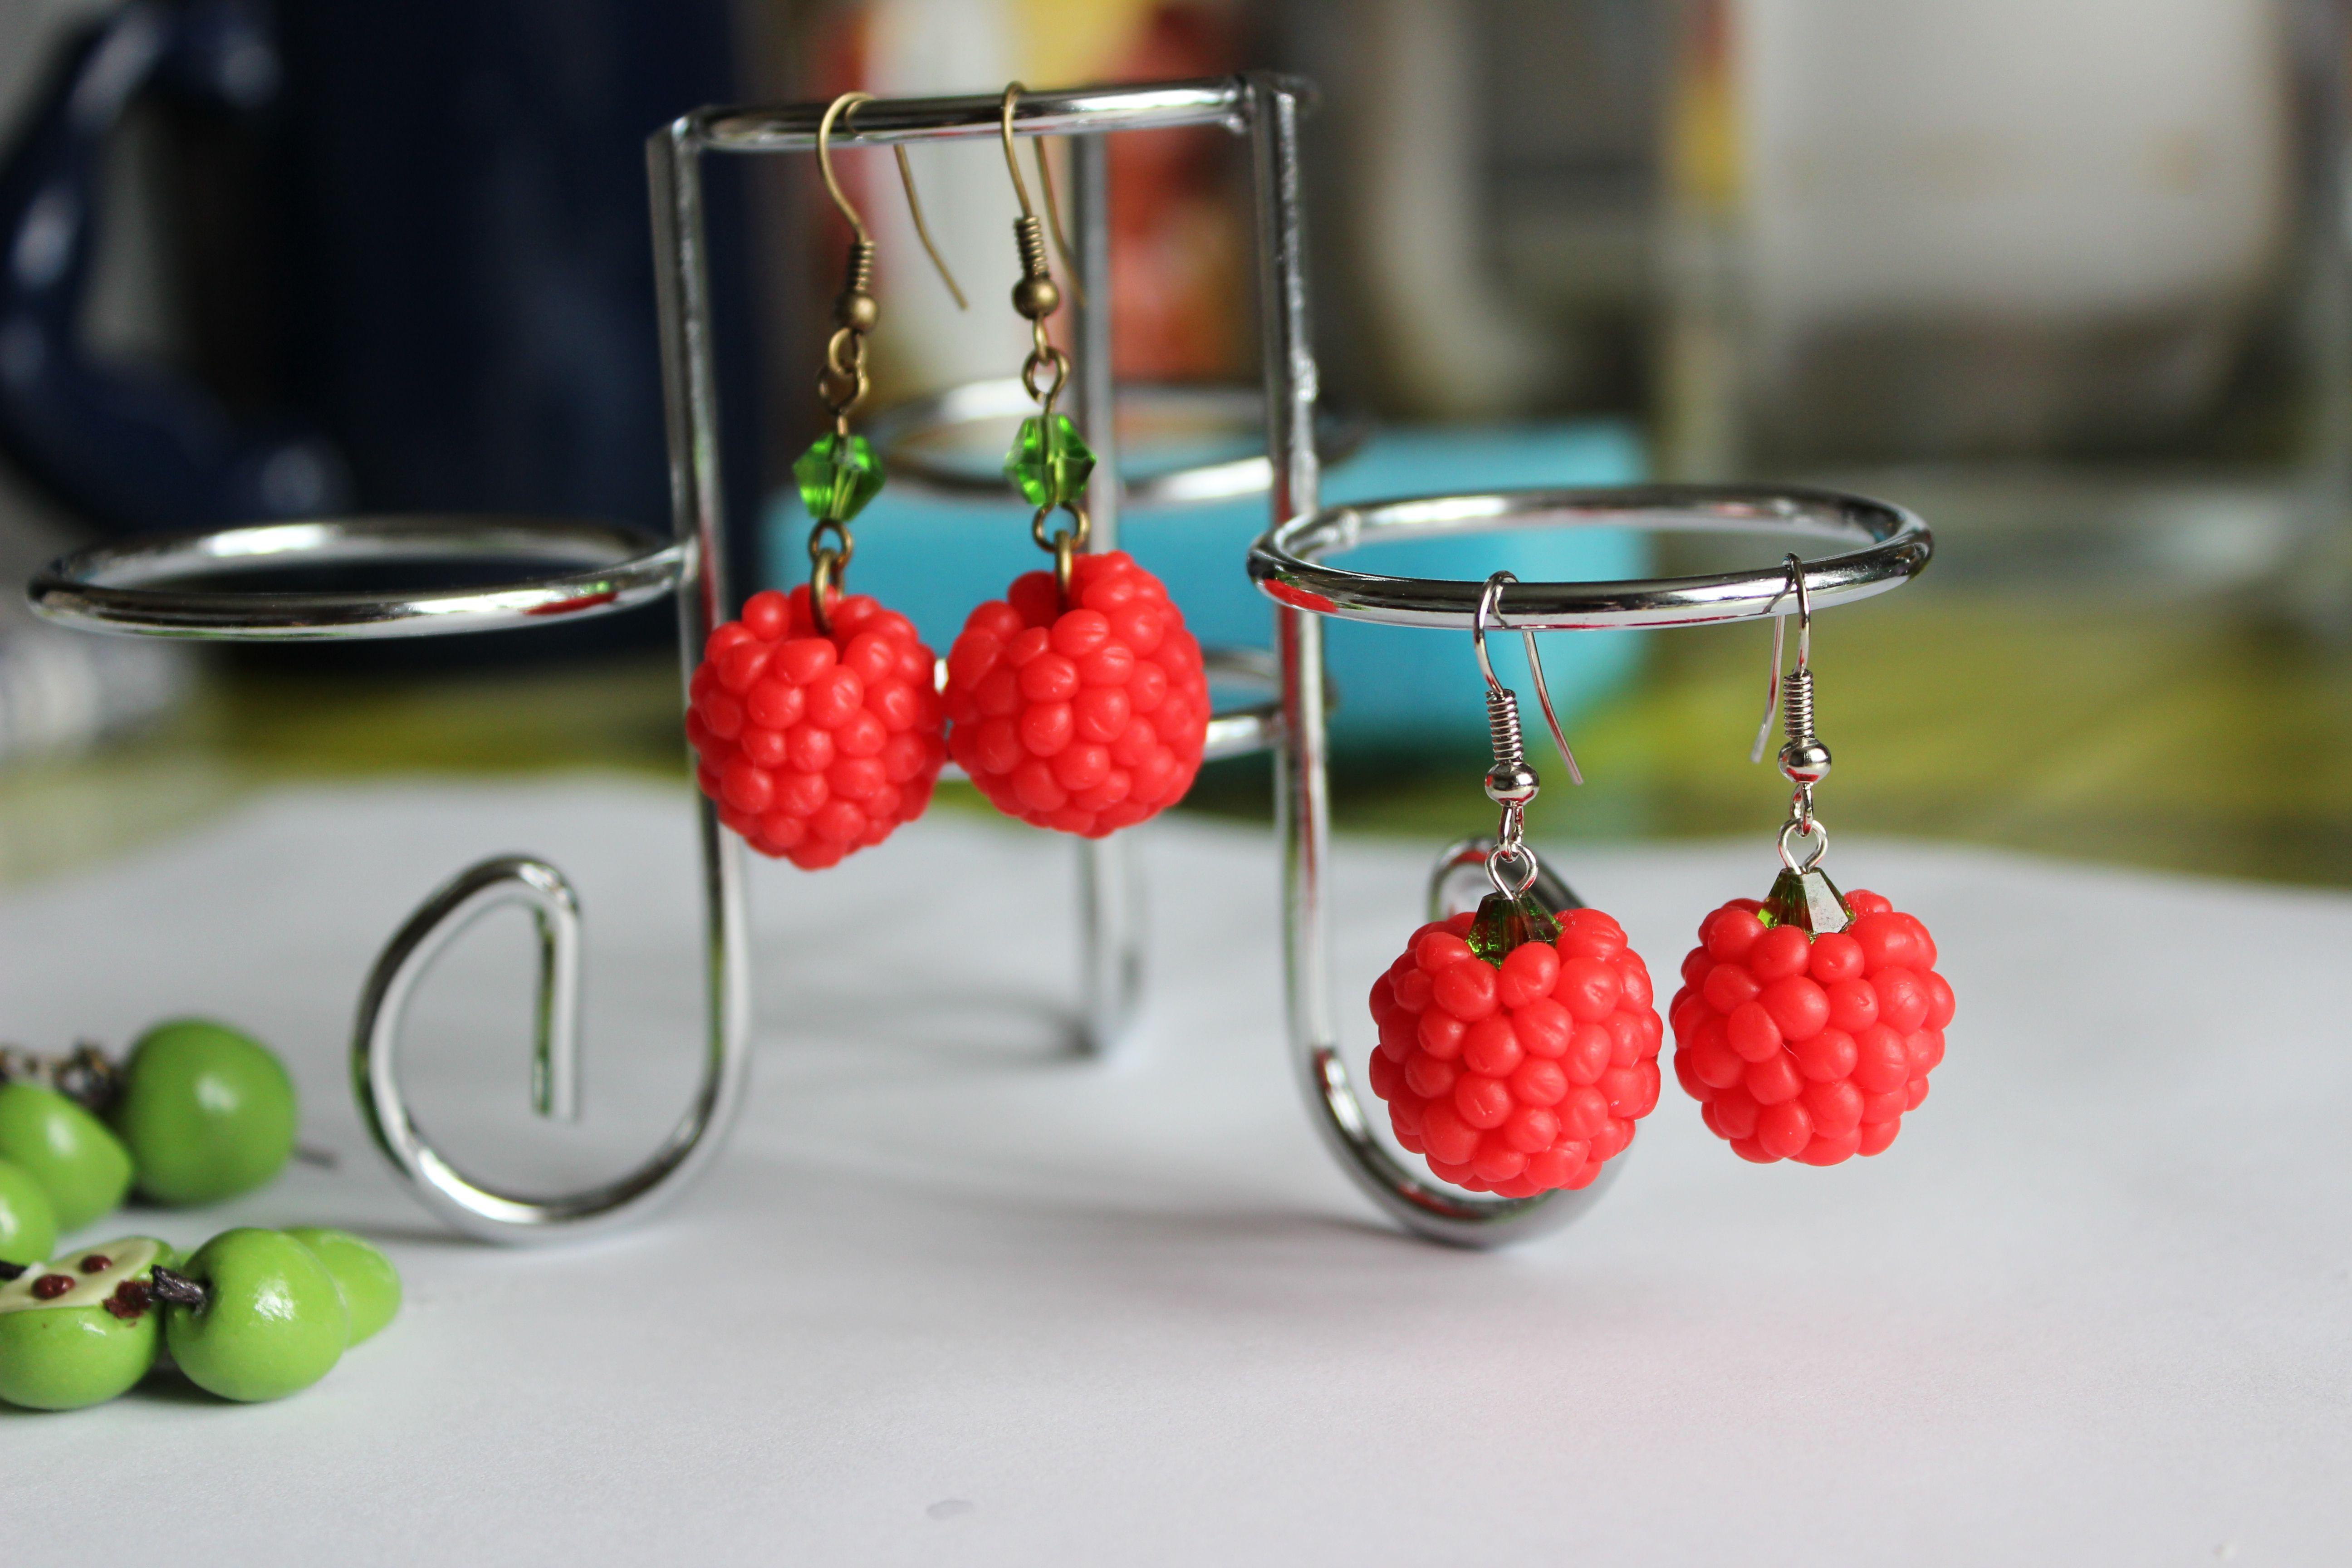 глина малина красные украшения серьги яркие бижутерия ягоды лето